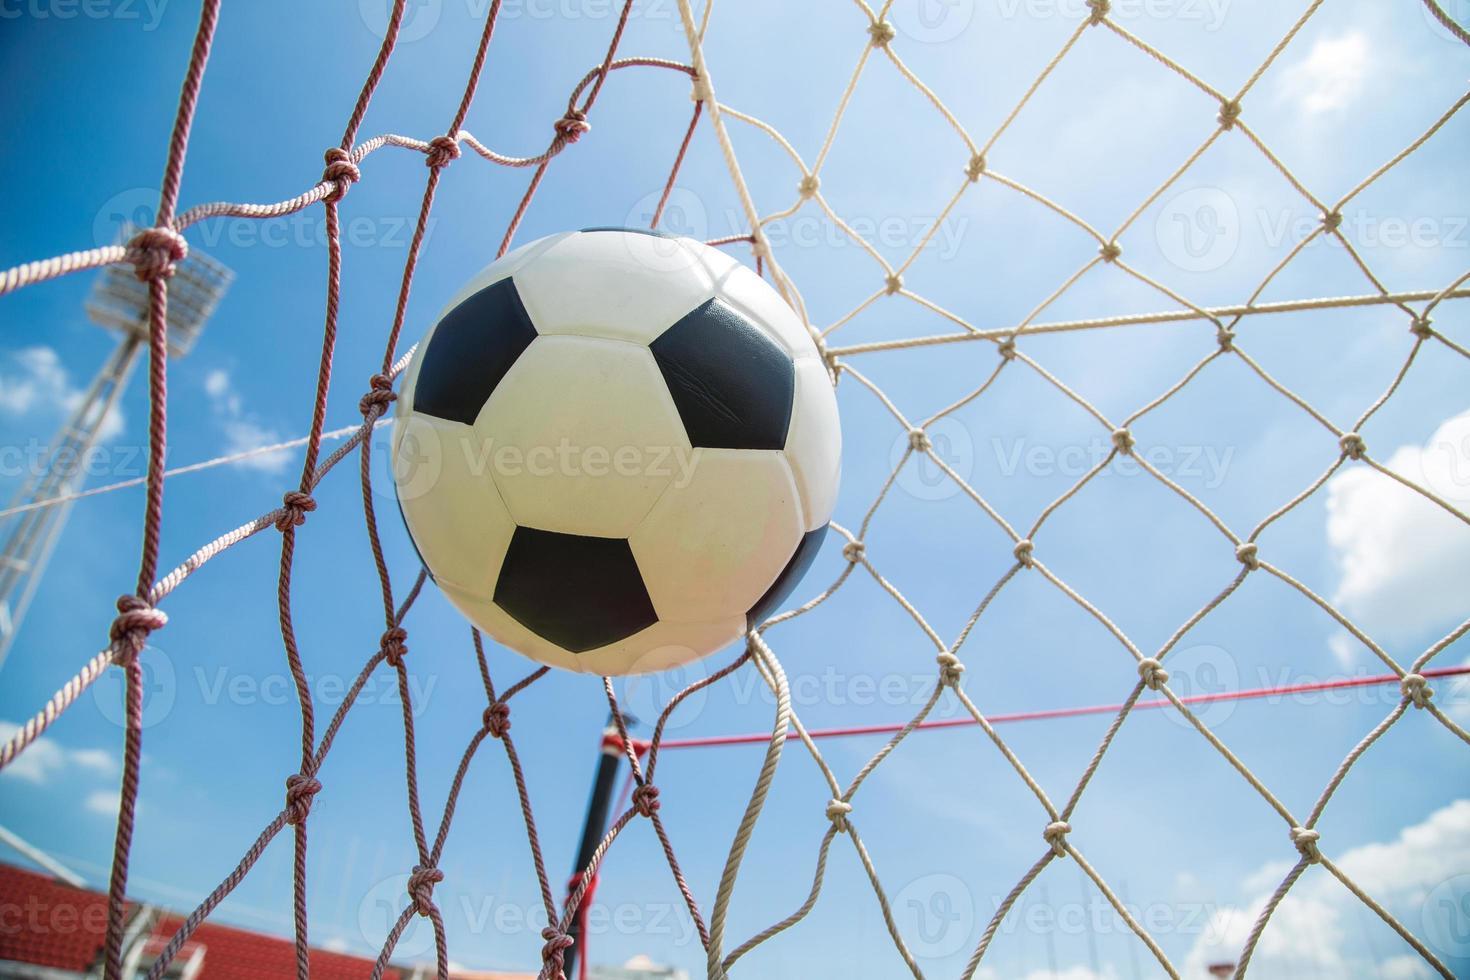 balón de fútbol en la portería después de disparar foto